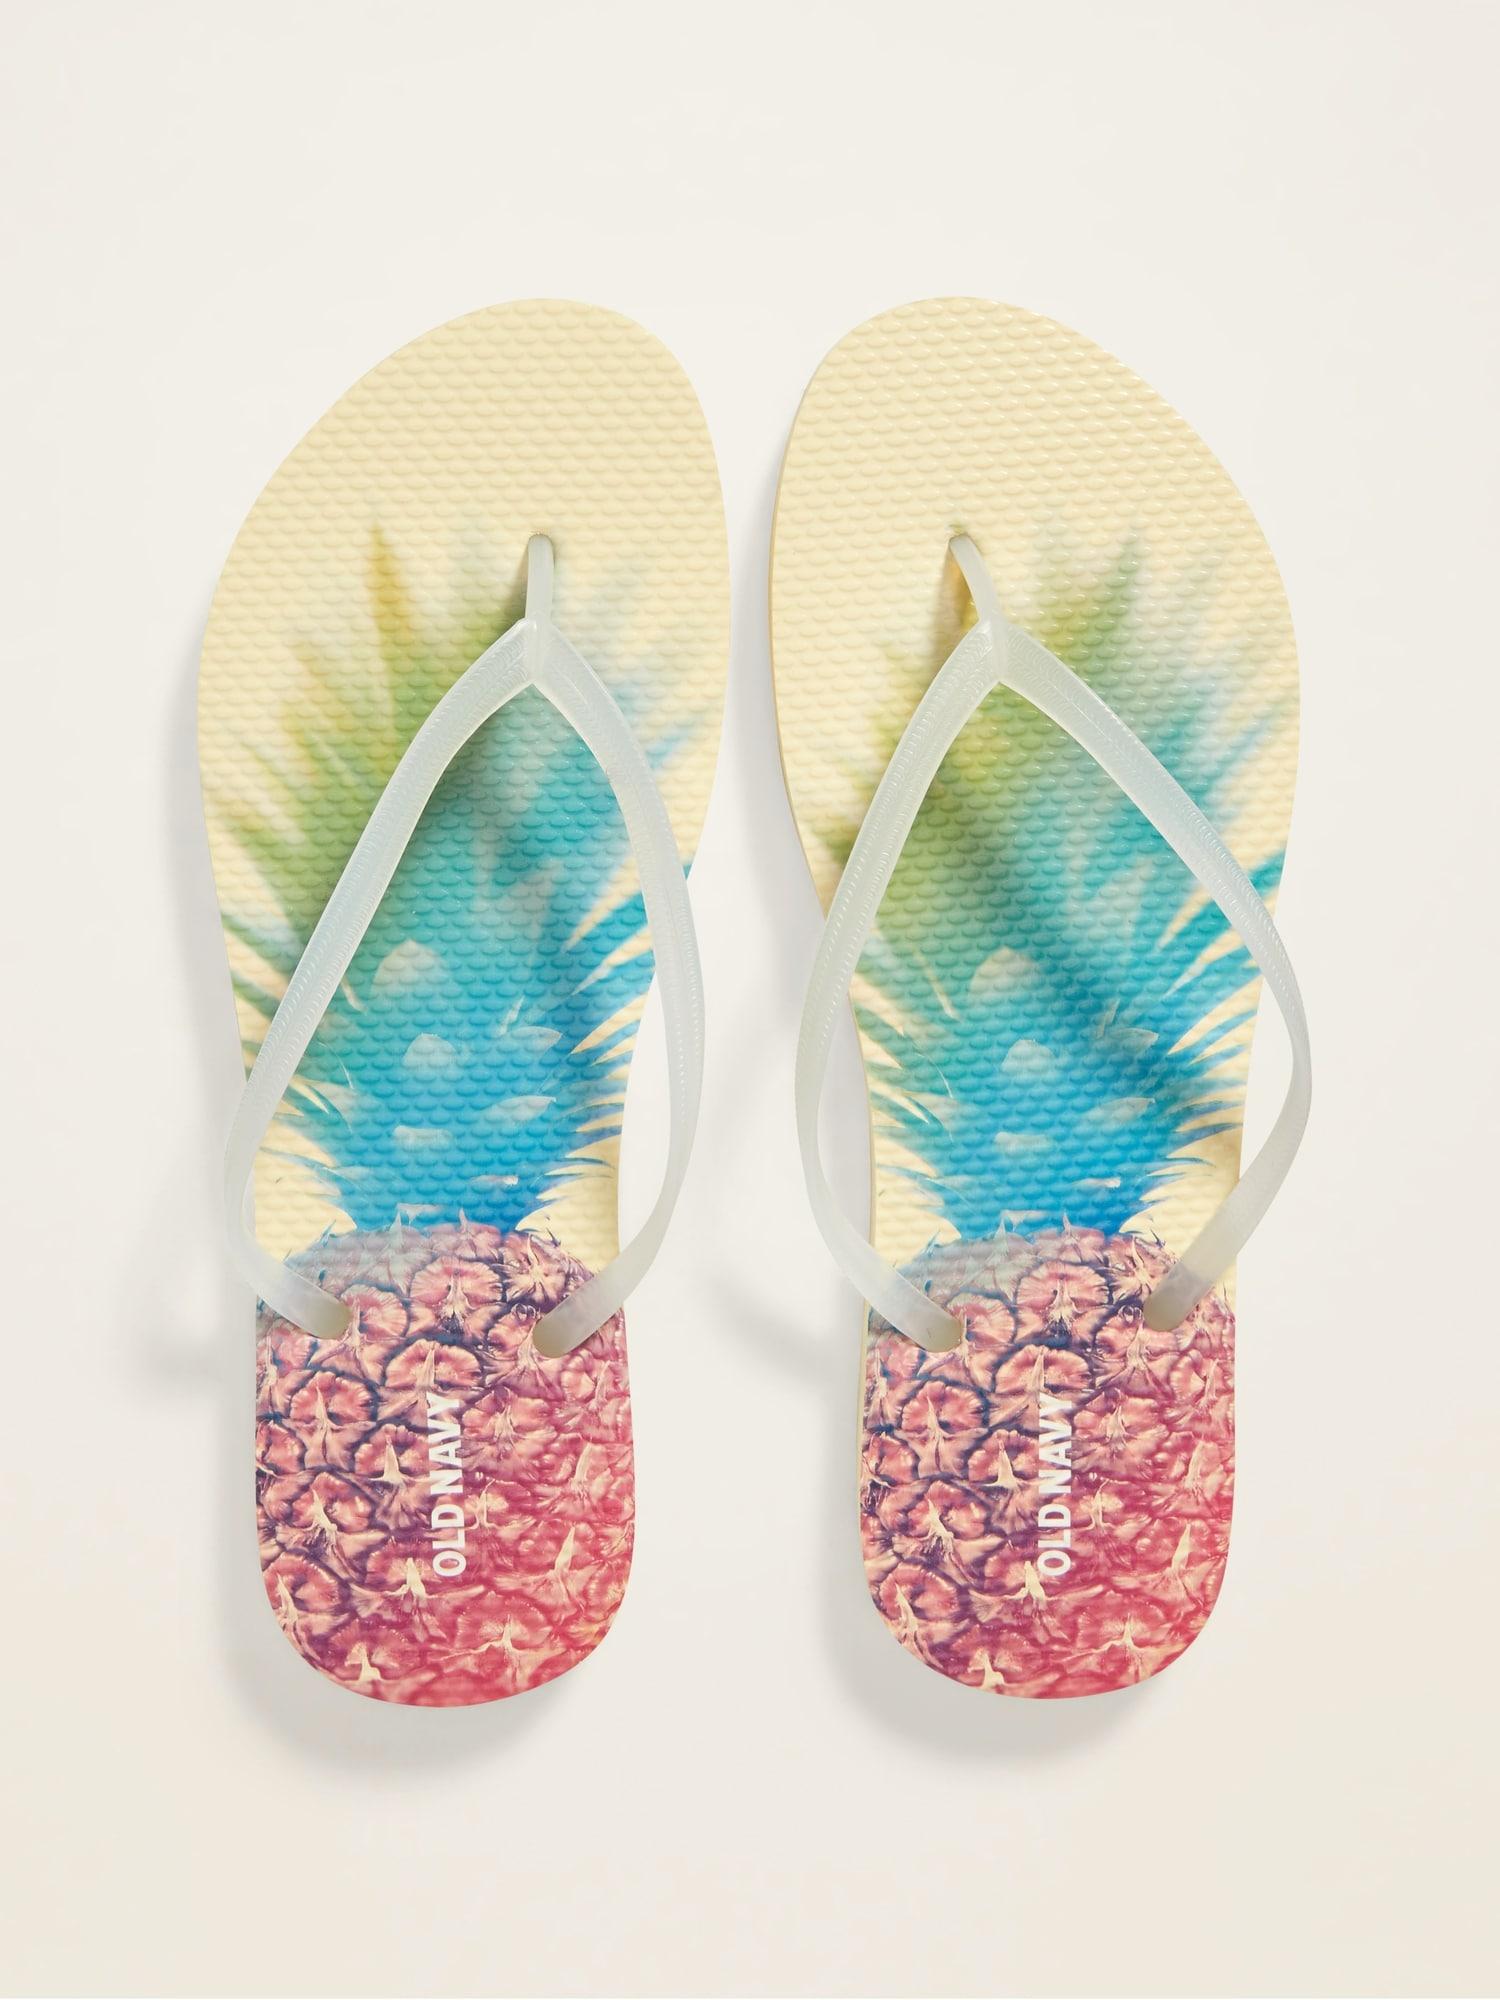 Patterned Flip-Flops for Women | Old Navy